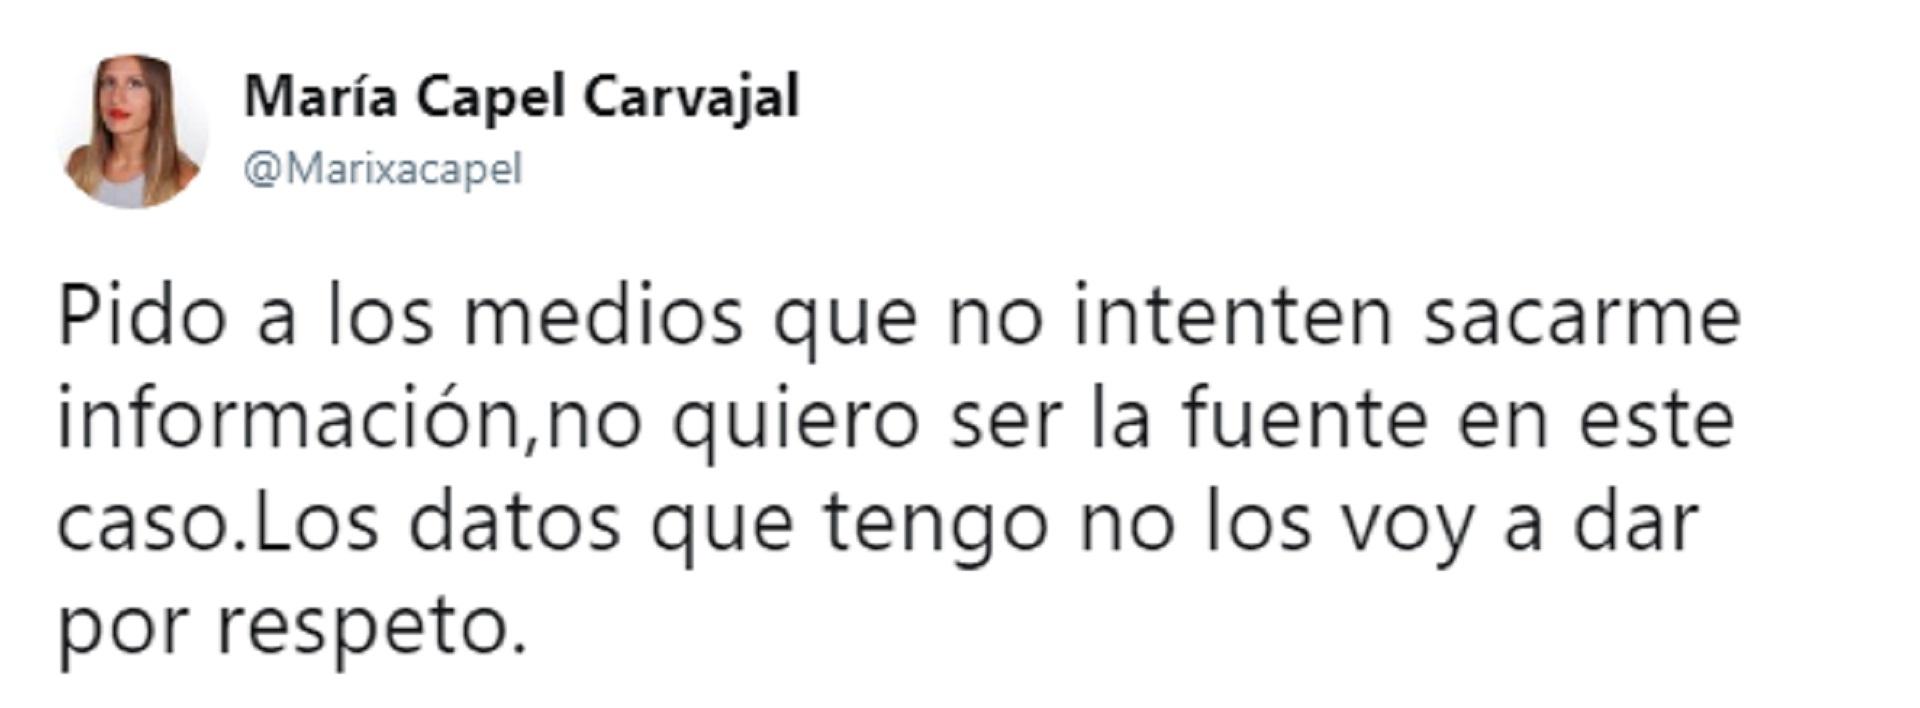 Tuit de María Capel Carvajal, amiga de Celia Fuentes